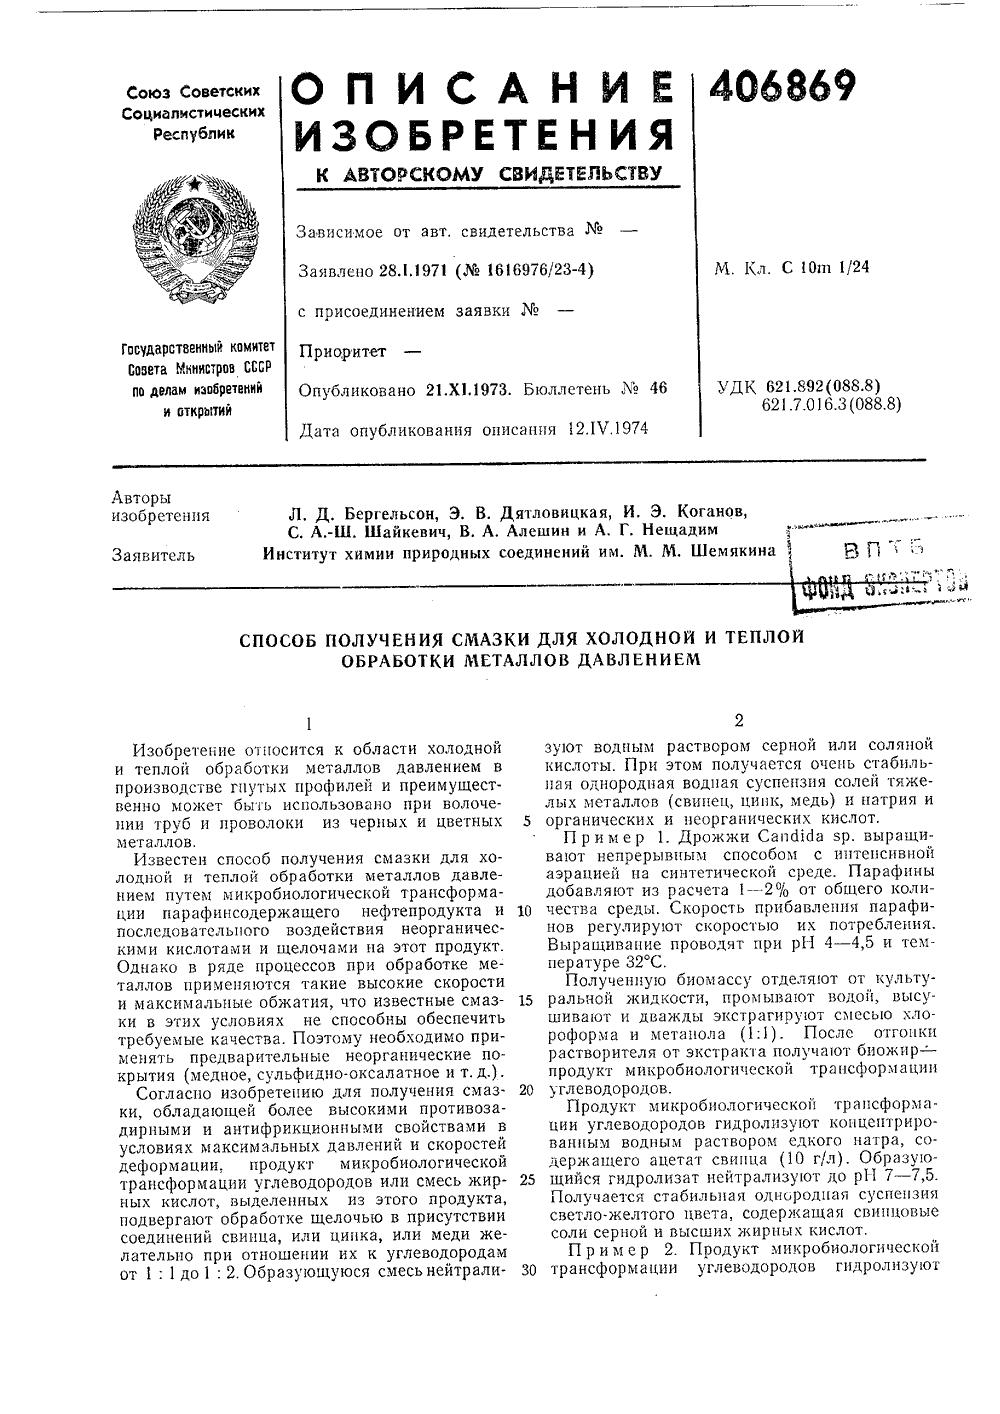 Скачать страницу каталога - officine rigamonti - россия